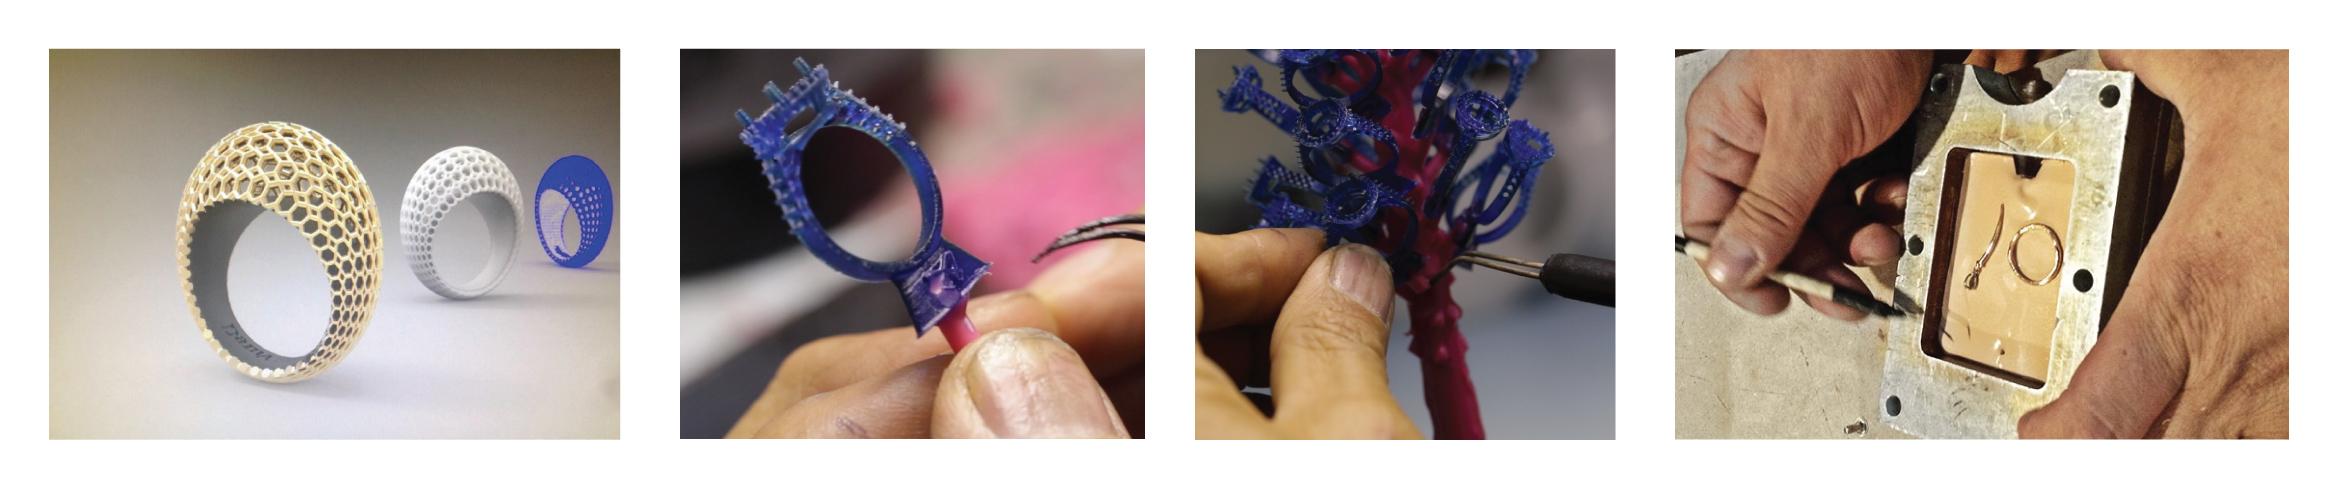 corso-orafo-jewel-designer-3